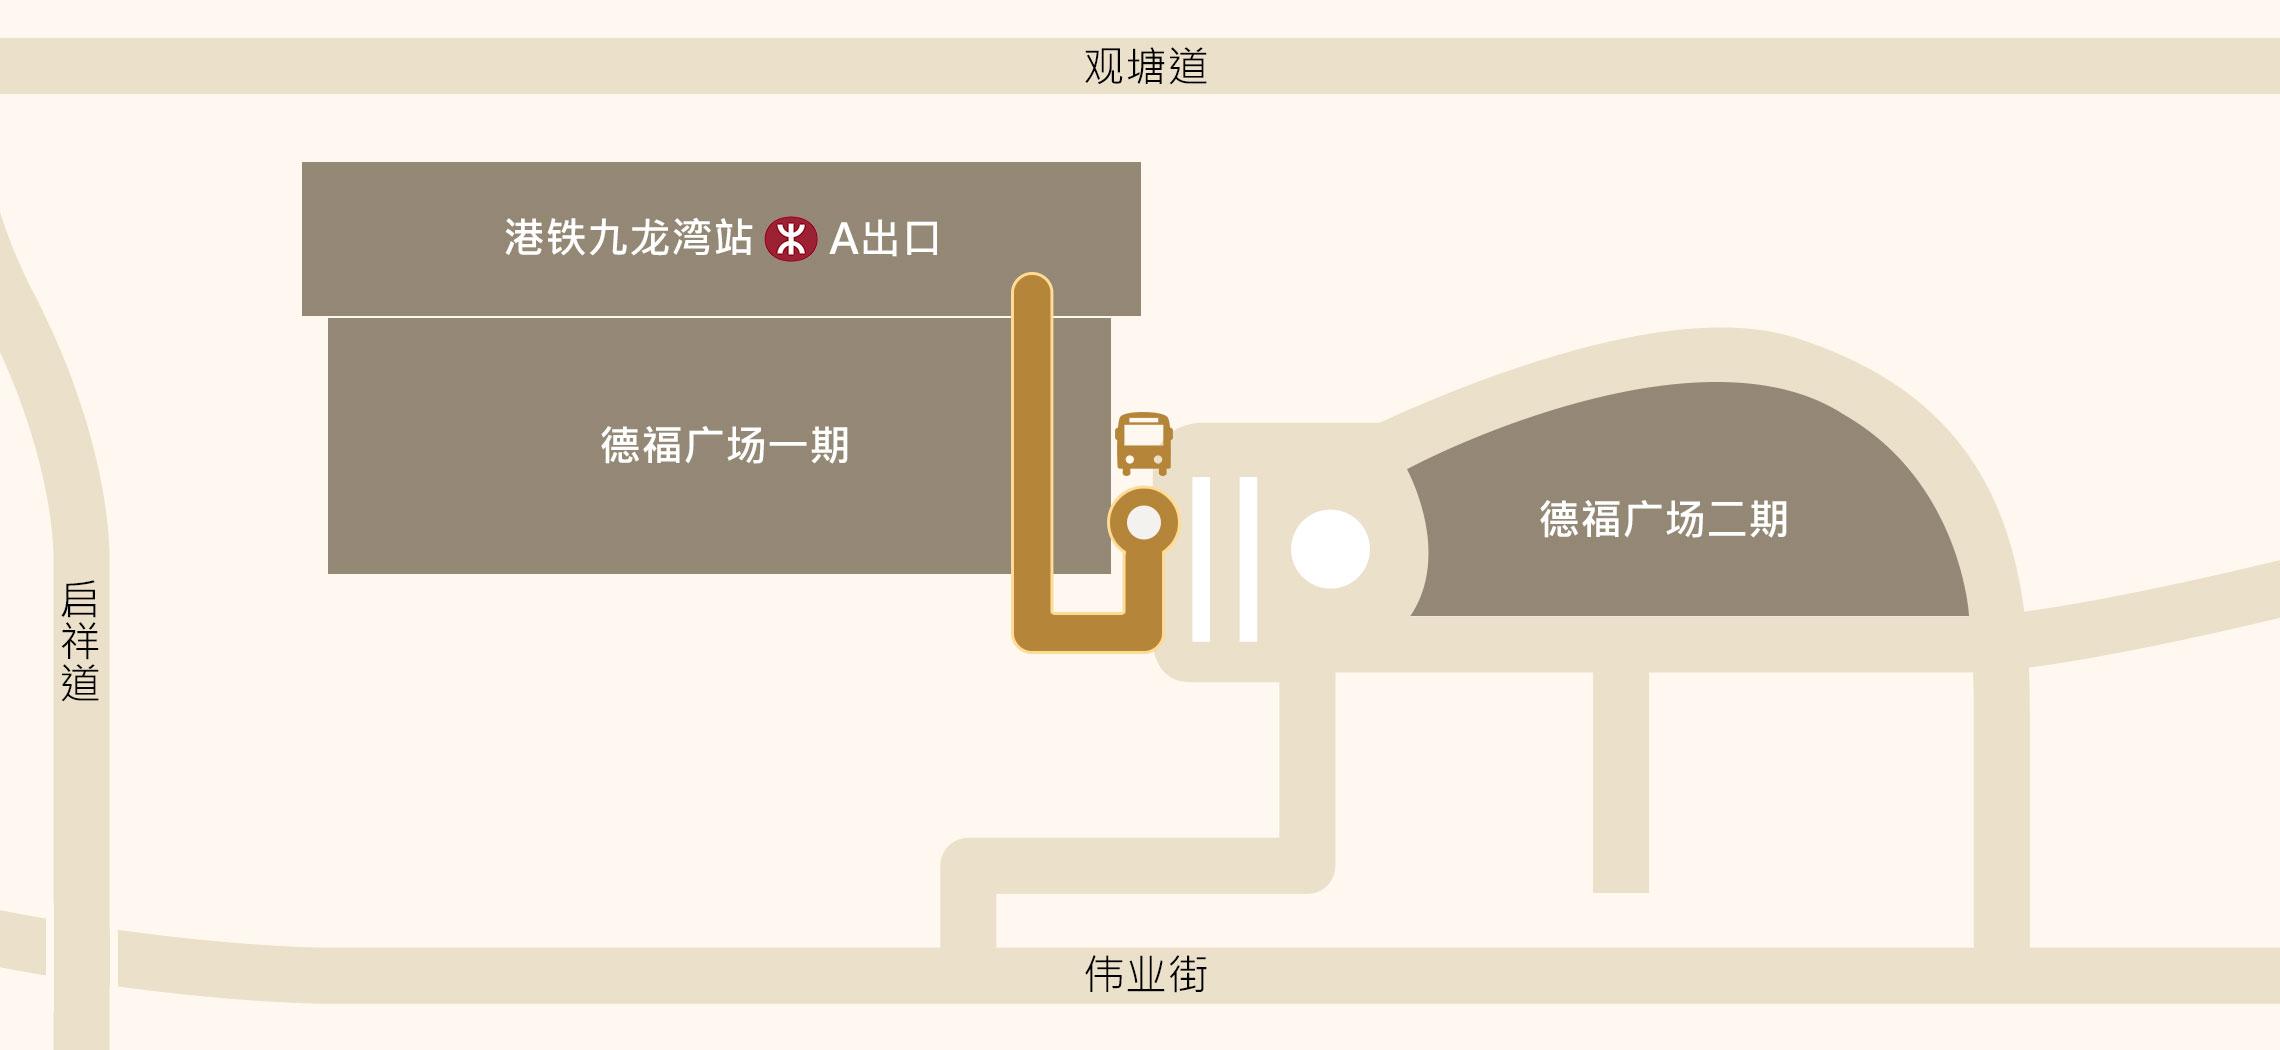 港铁九龙湾站